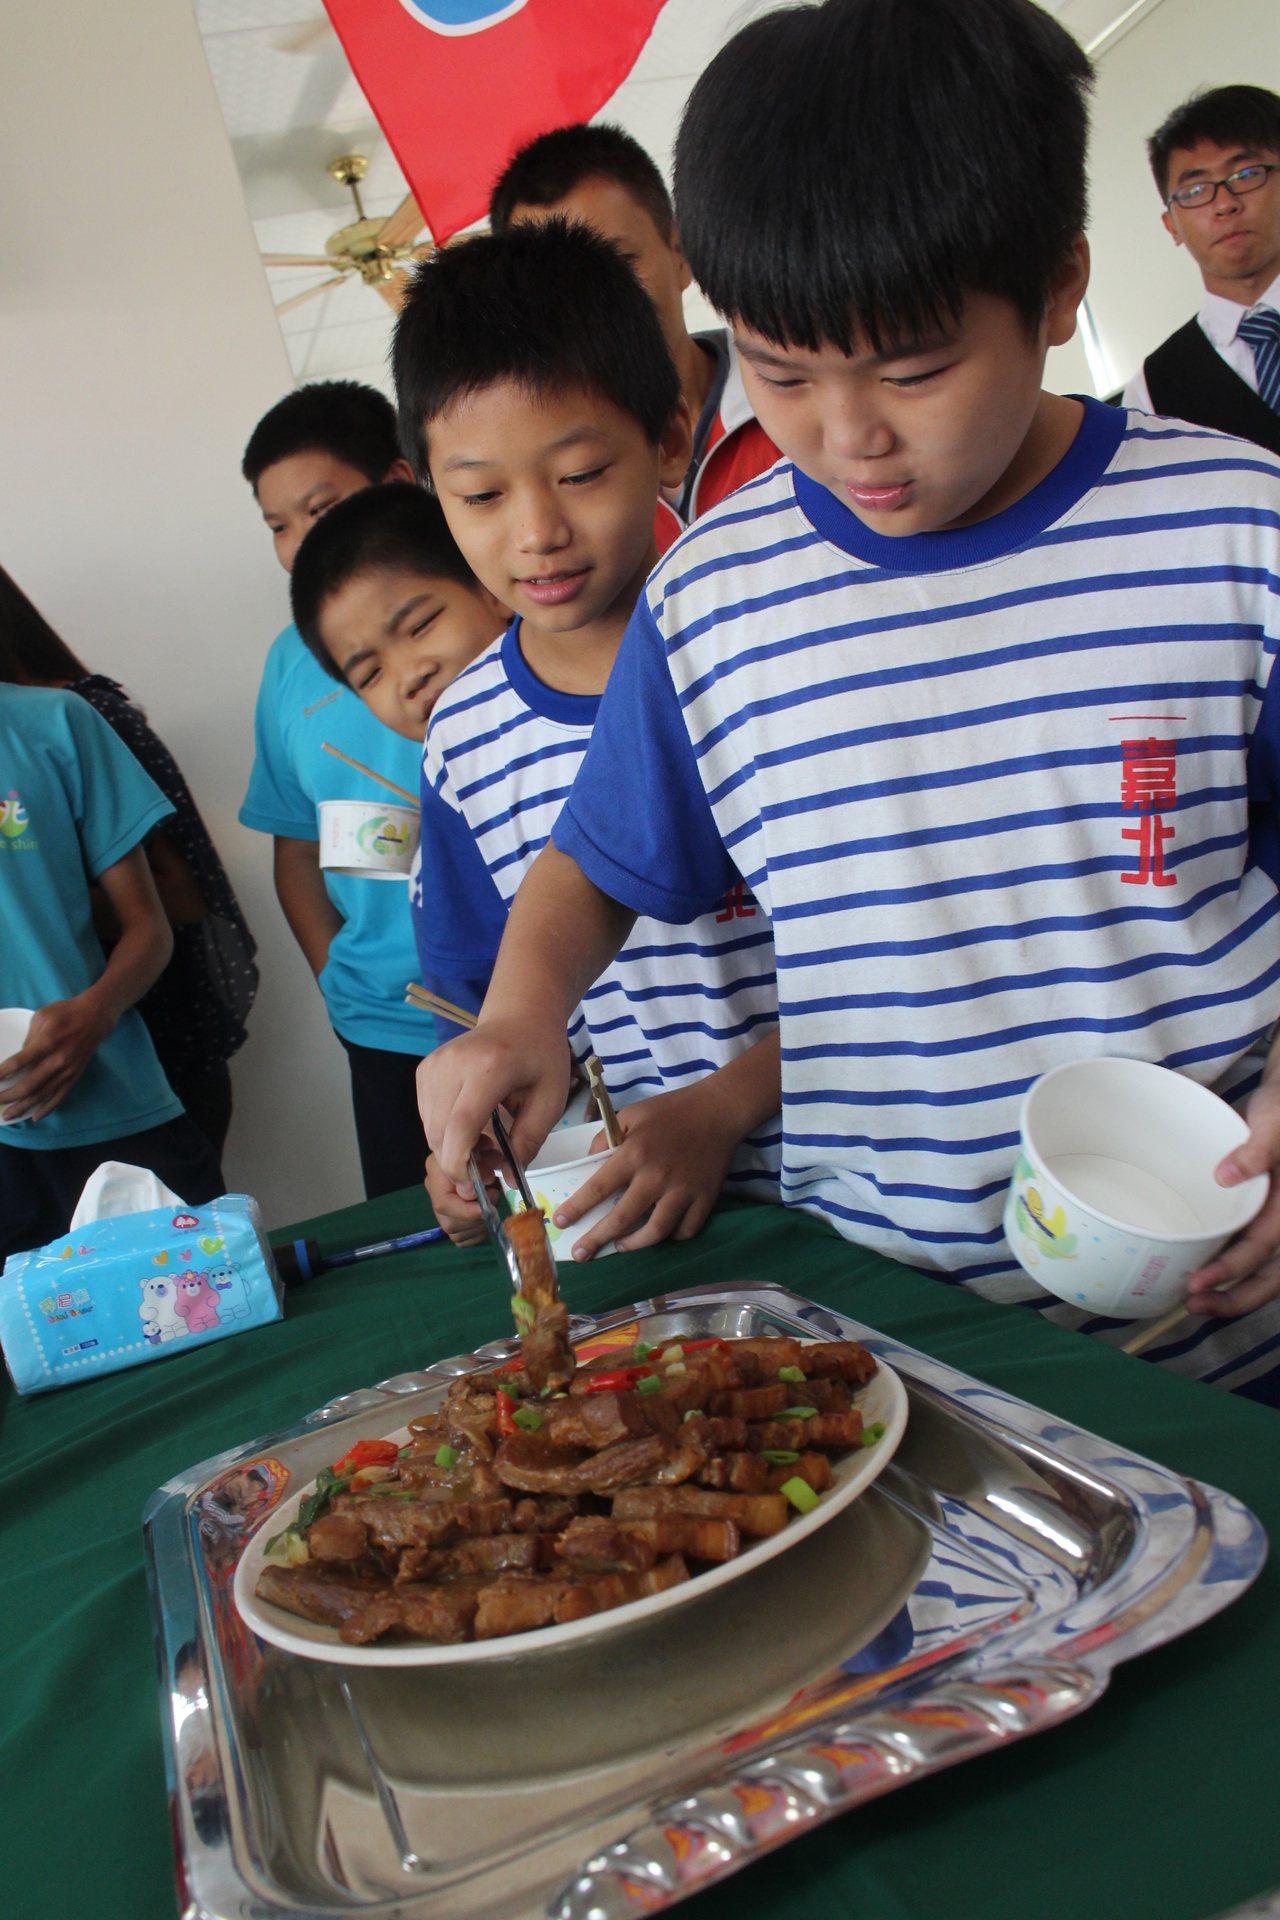 剛料理好的五花肉端上桌,嘉義市北興國中體育班學生忍不住大快朵頤。記者姜宜菁/攝影